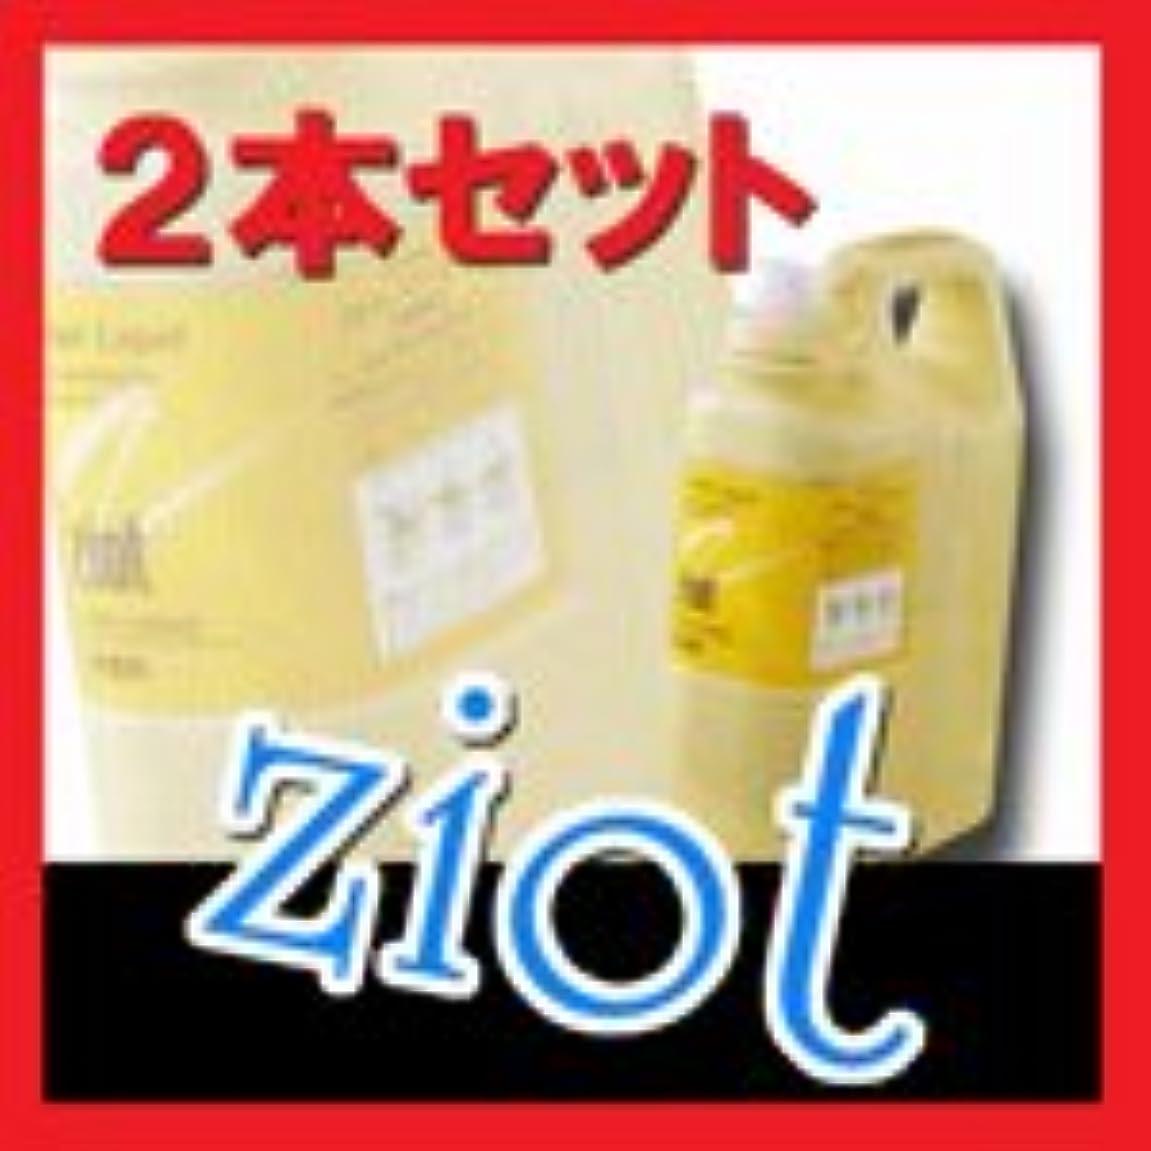 マントル物質頬クラシエ ZIOT ジオット ヘアー リクイド 2000ml ×2本 お徳用サイズ